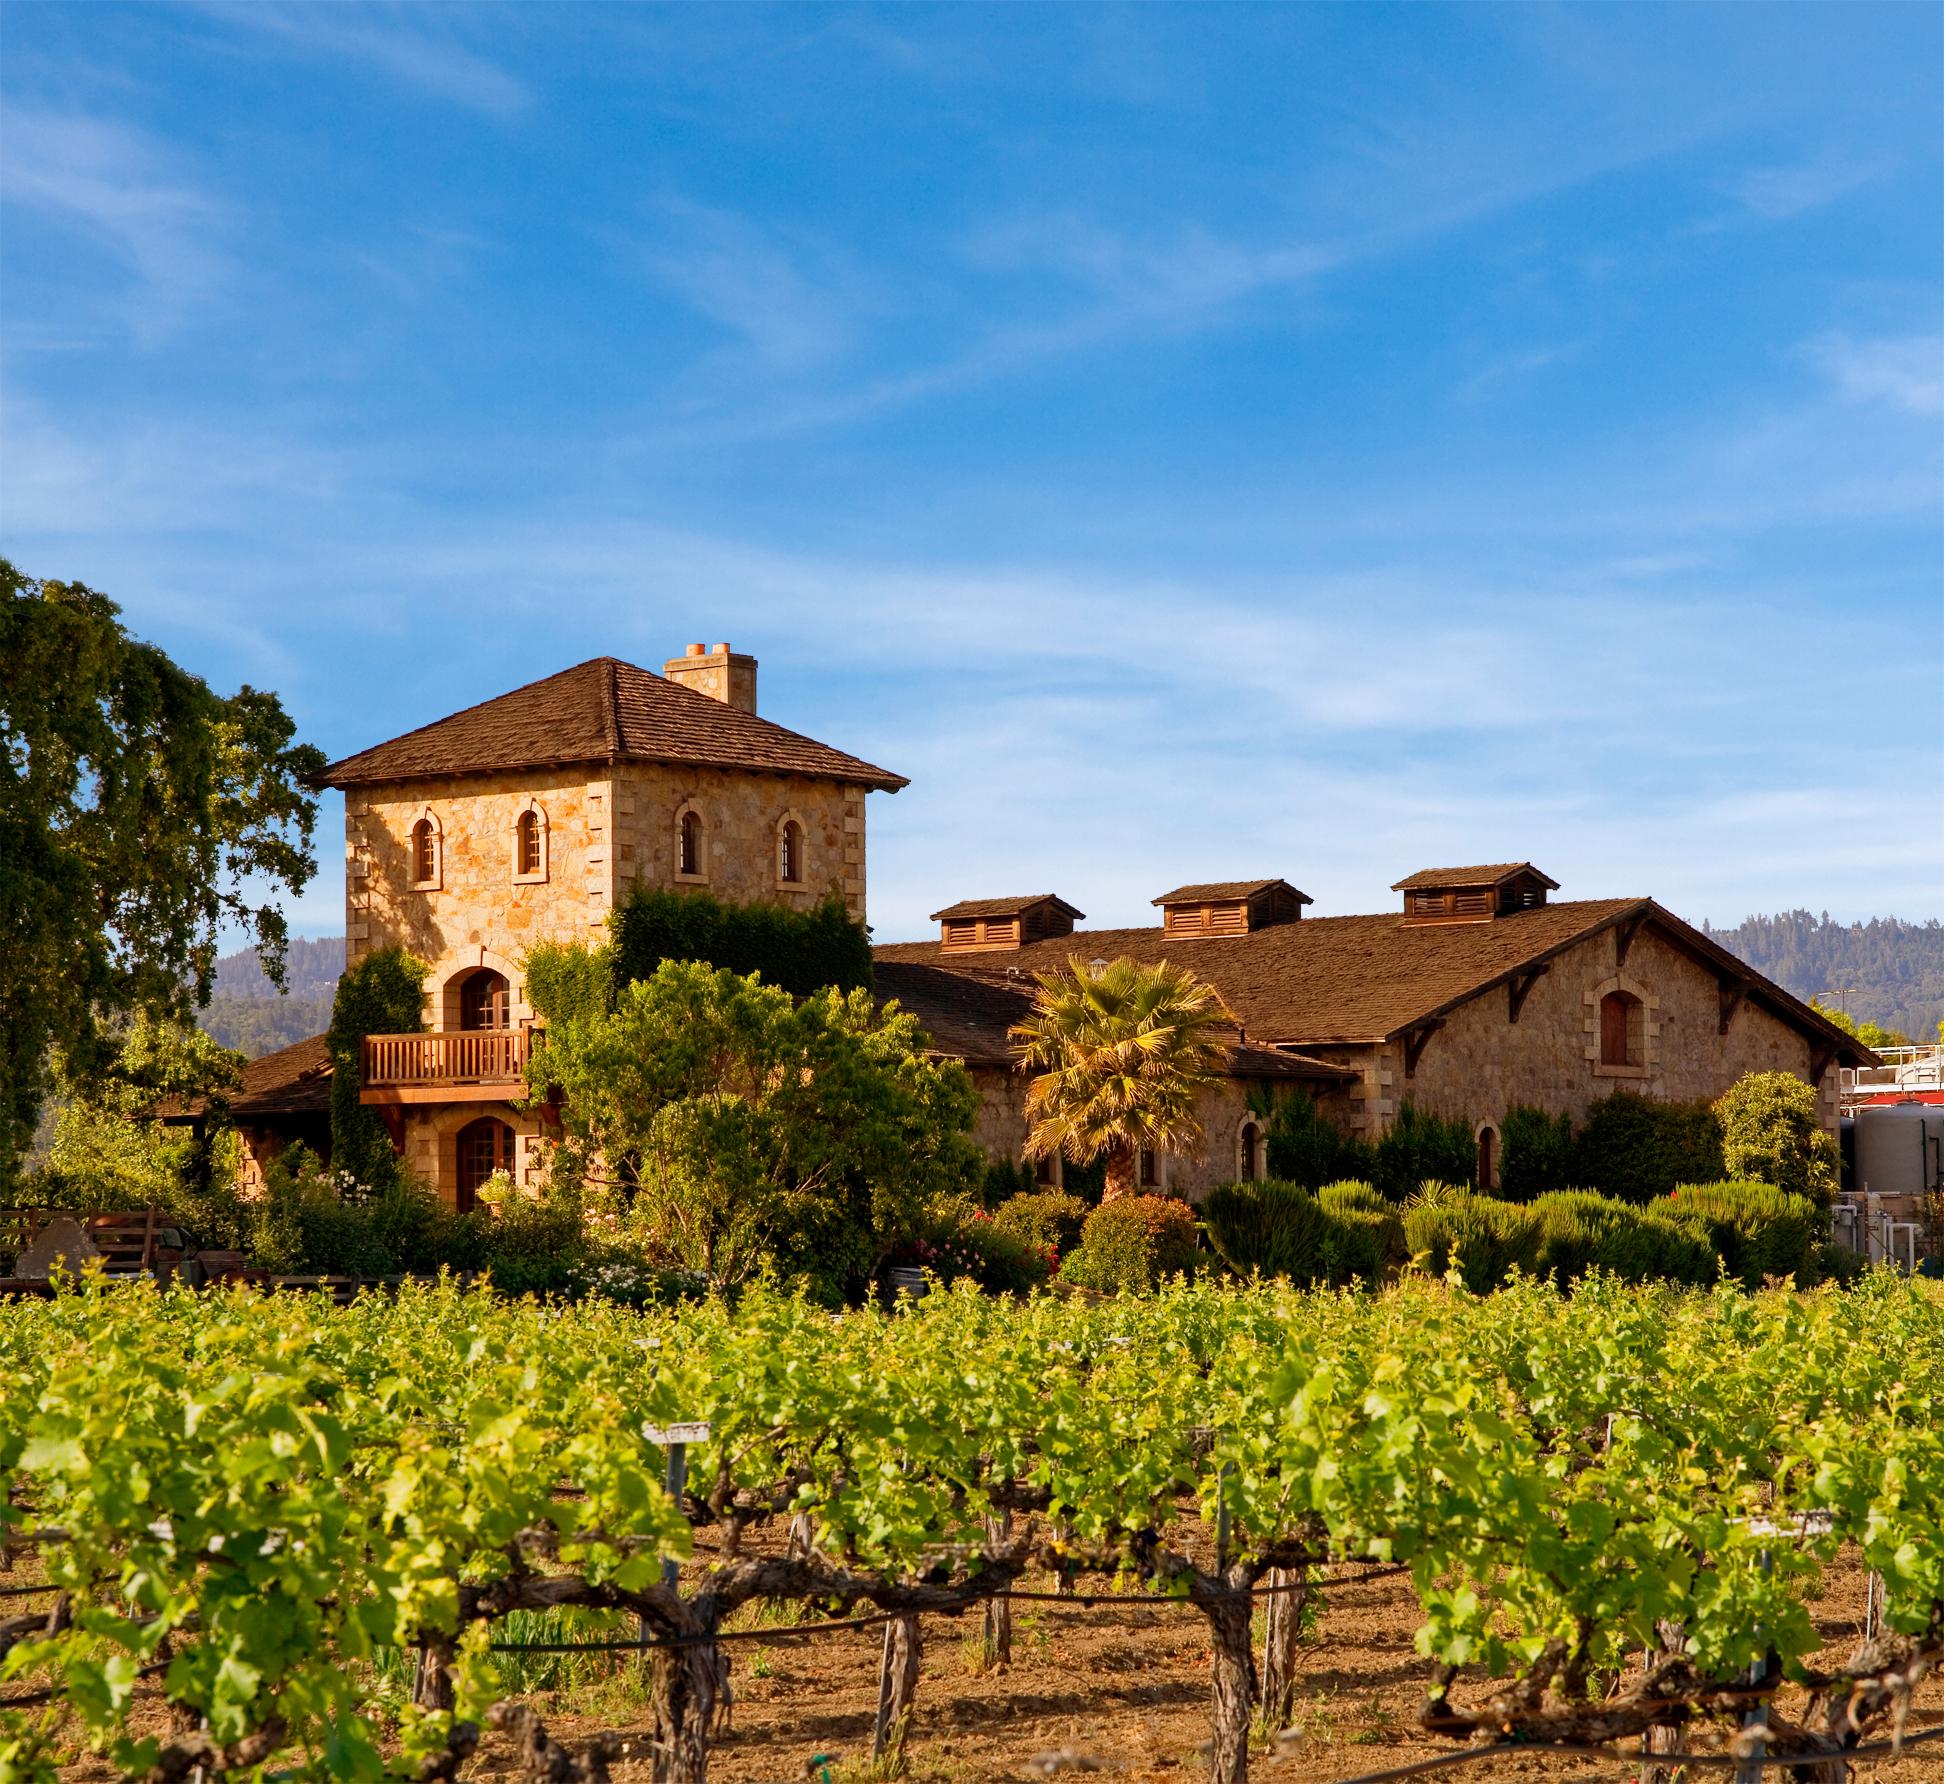 v sattui winery st helena ca 94574